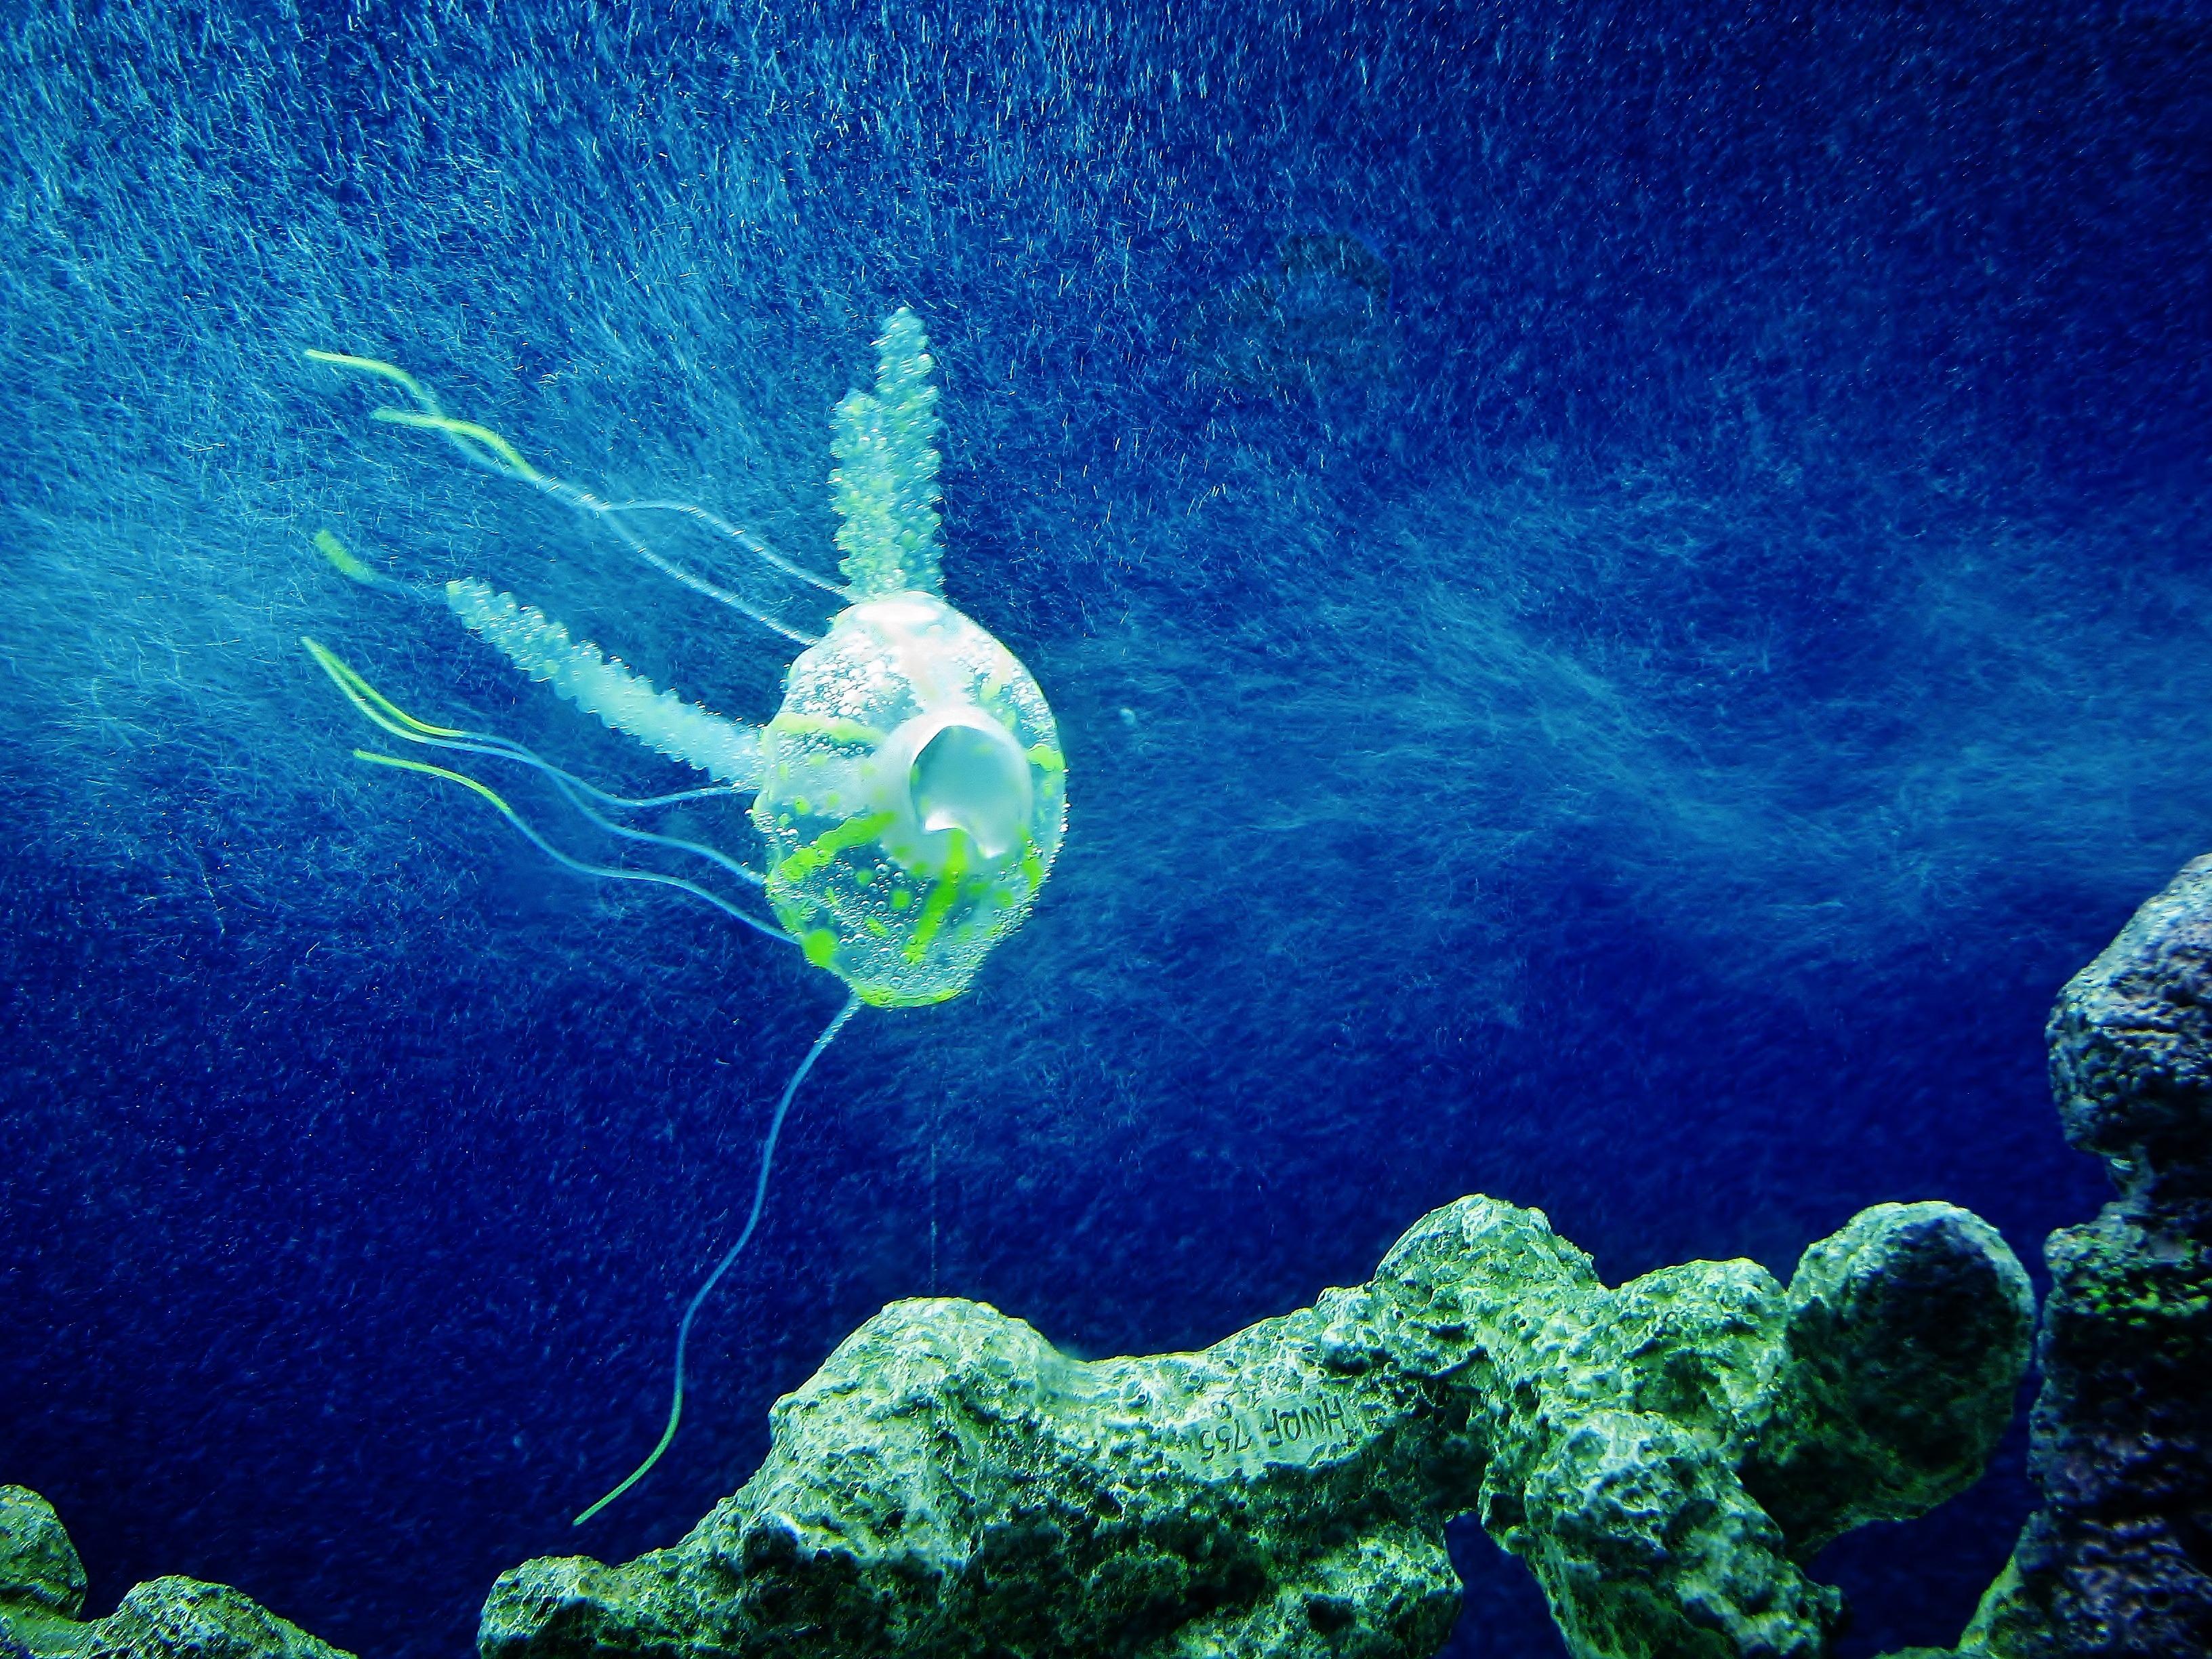 Immagini belle oceano animale sott 39 acqua tropicale - Foto di animali dell oceano ...